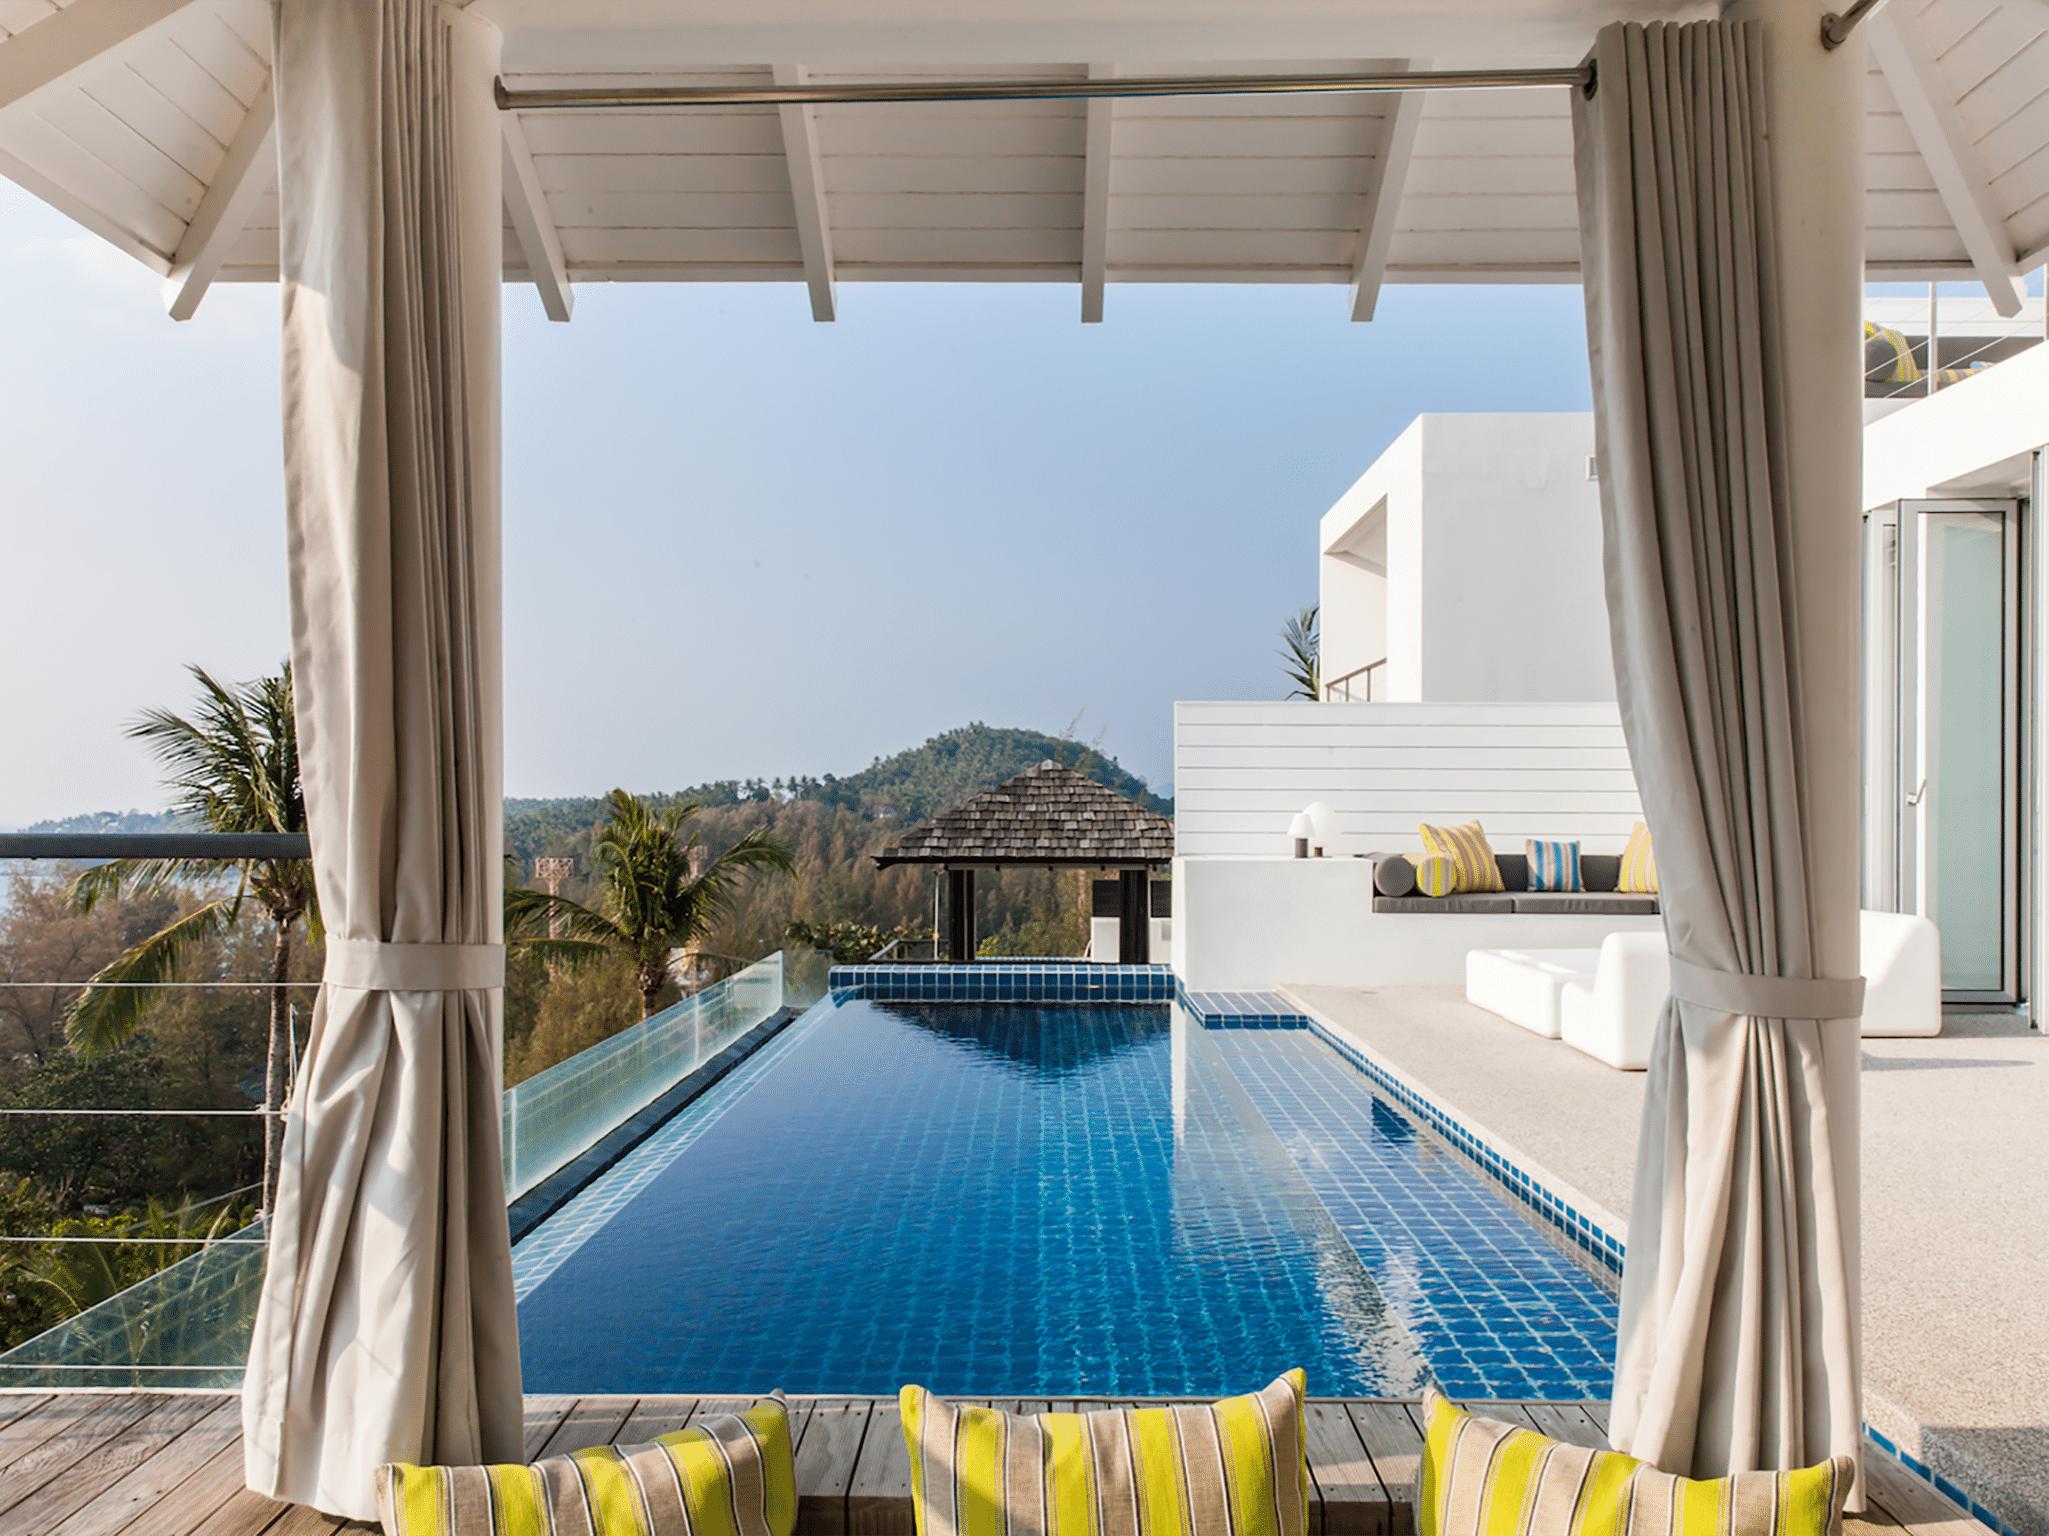 Villa Sammasan - Sun loungers by the pool